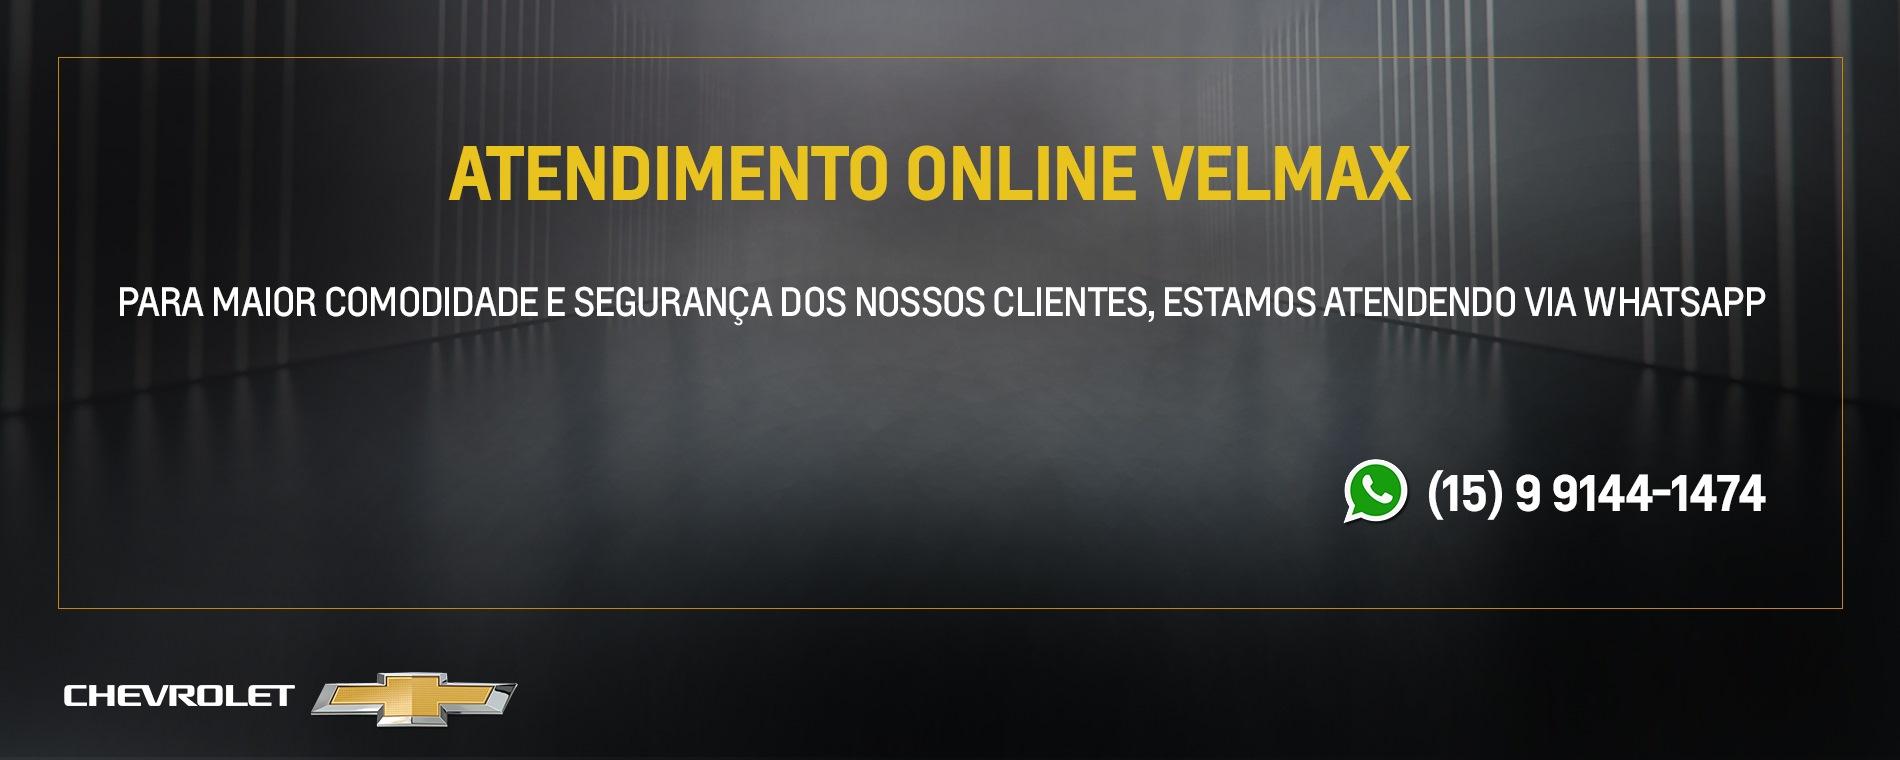 283_Velmax_banner